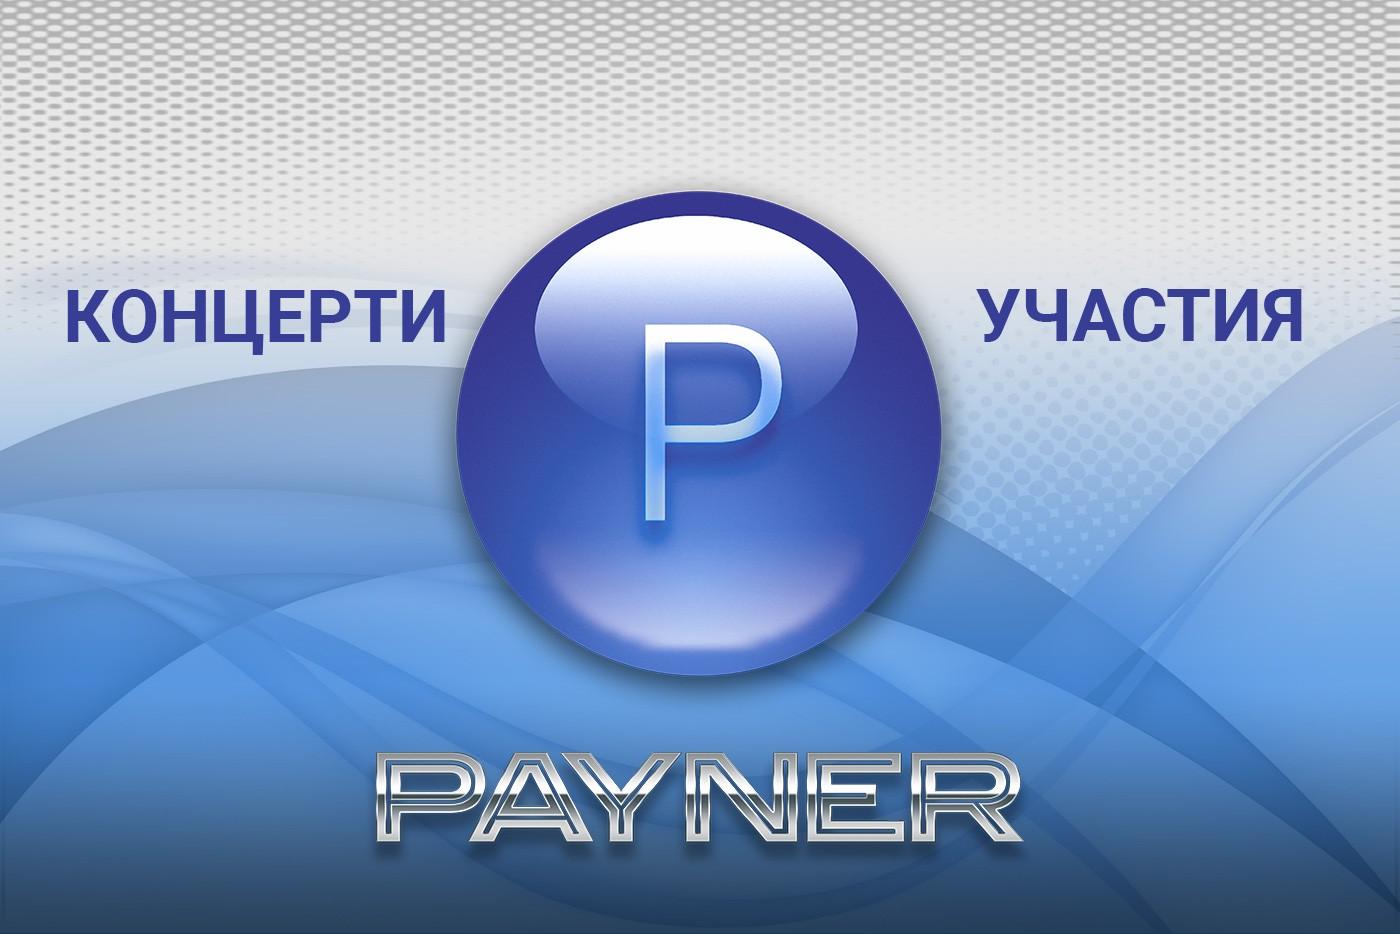 """Участия на звездите на """"Пайнер"""" на 17.12.2018"""